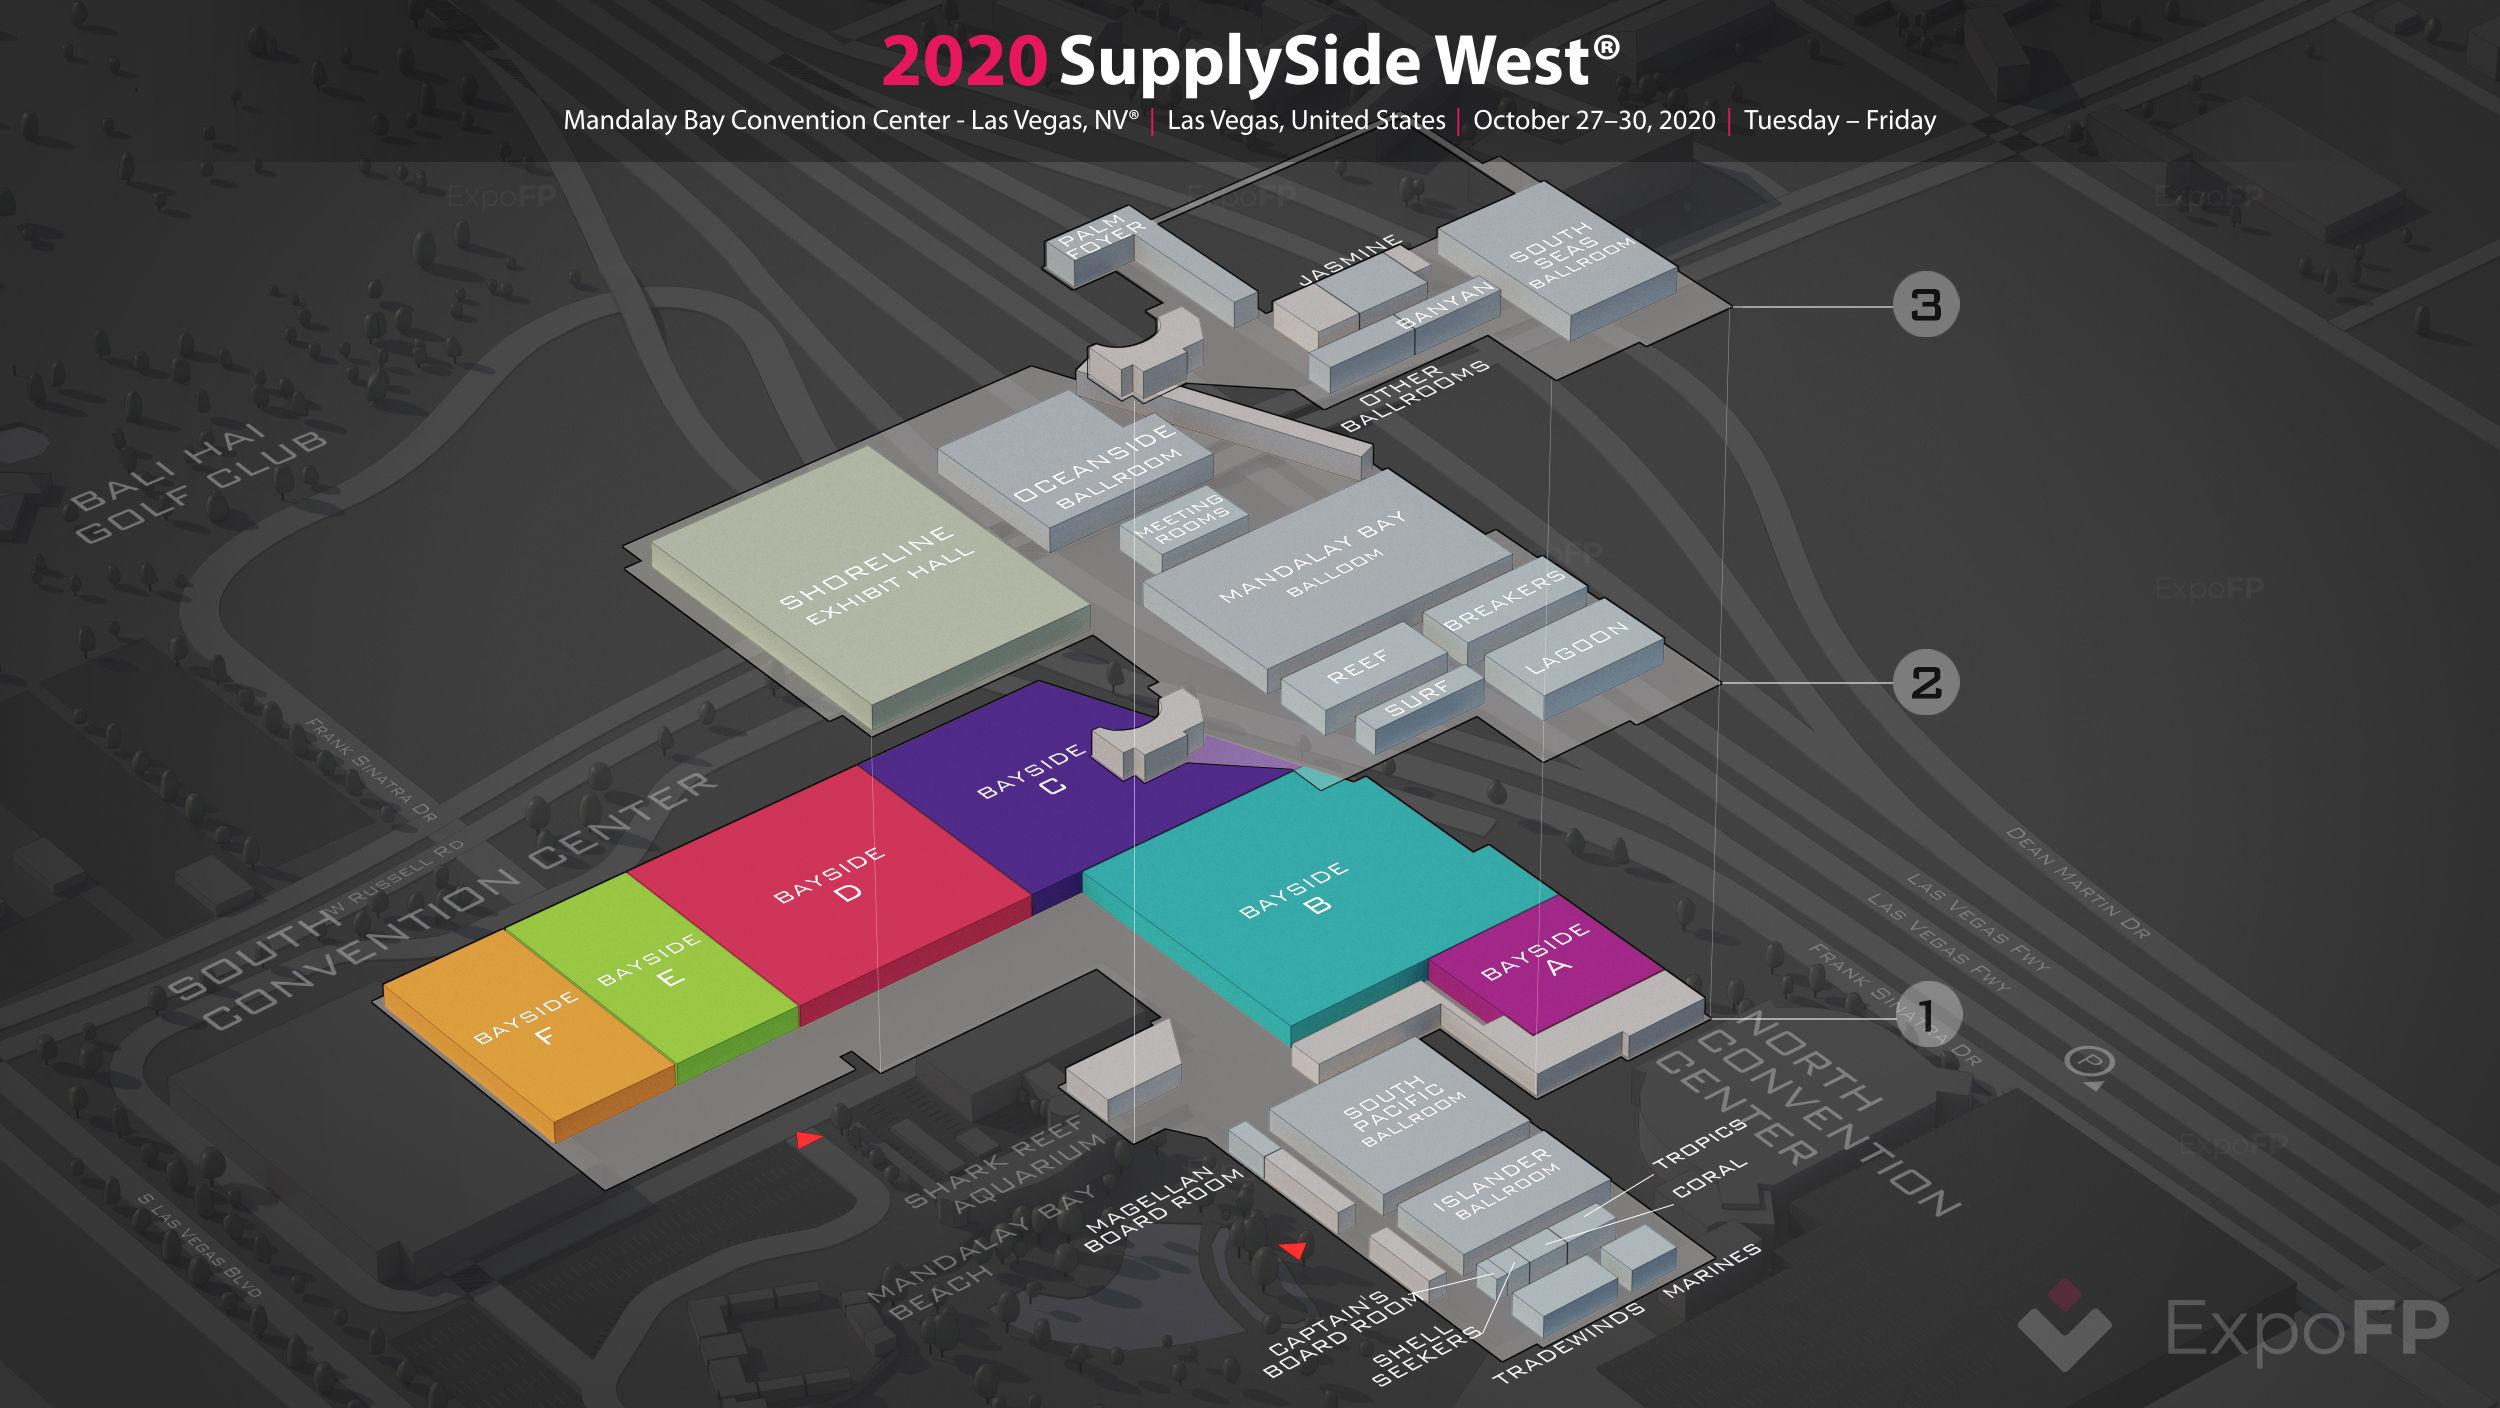 Supplyside west 2020 3d floor plan